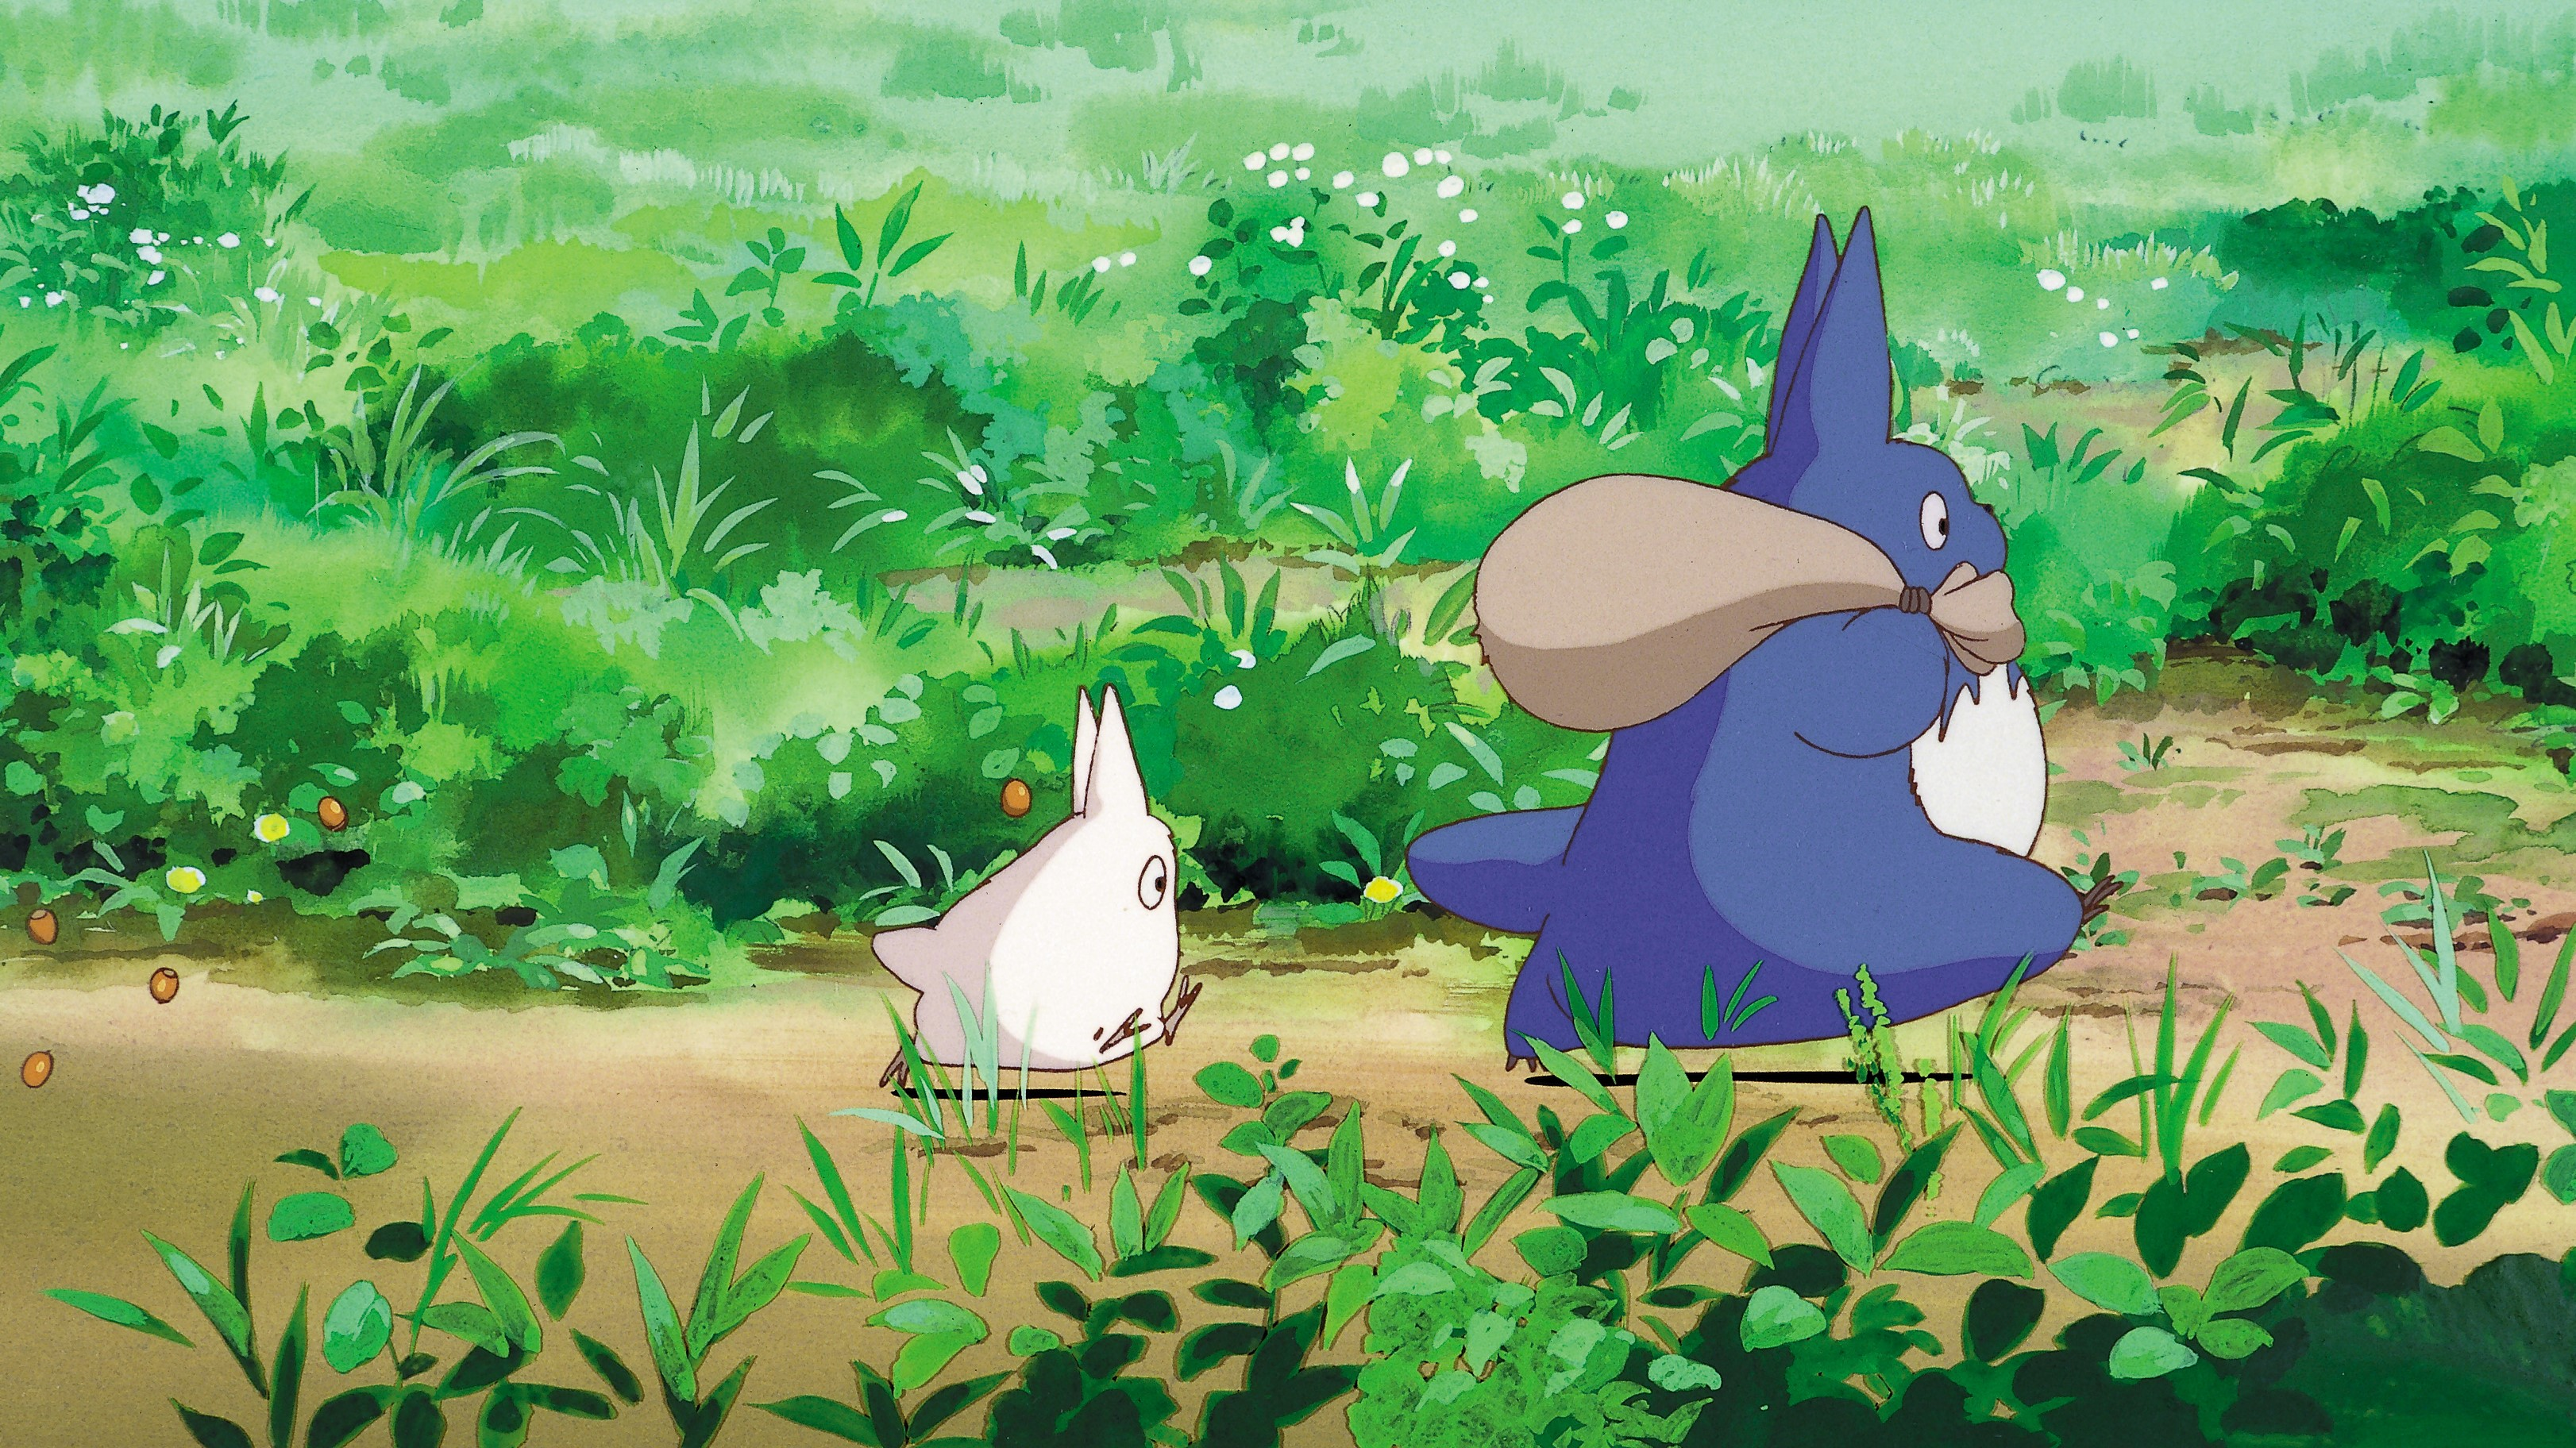 《龙猫》在中国,从未公映却是心中最爱   在中国,《龙猫》更是承载了从70后到90后几代人对动画电影的启蒙。许多中国影迷对动画片的认知轨迹,都是先由《龙猫》开始,逐渐了解到宫崎骏和吉卜力,十数年如一日地沉醉在《龙猫》所营造出的纯真年代中,梦想着能像片中女主角小梅一样无忧无虑地在充满奇思妙想的世界中自在遨游。自影片诞生至今的30年时间中,虽然也有无数优秀动画电影陆续上映,但《龙猫》却穿越时间的沙漏经久不衰,始终占据中国影迷心中No.